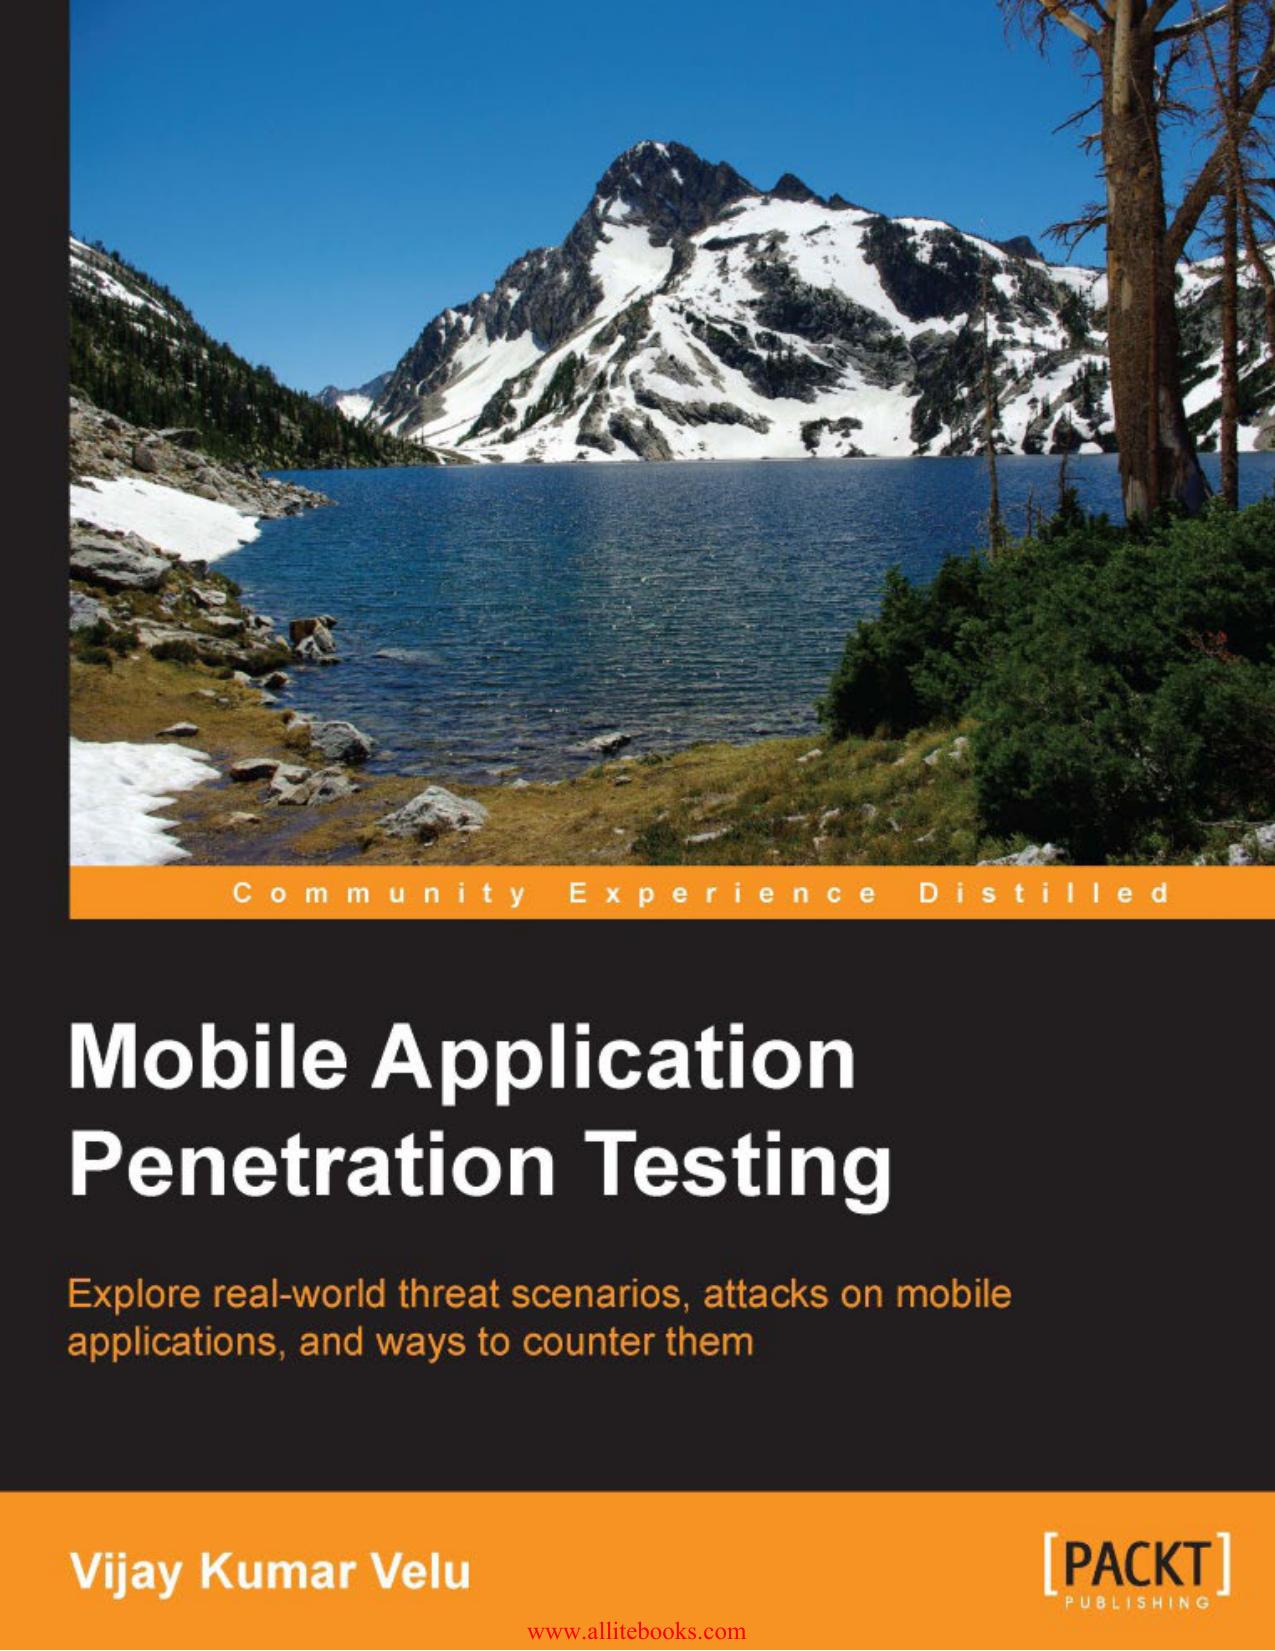 Mobile Application Penetration Testing | manualzz com